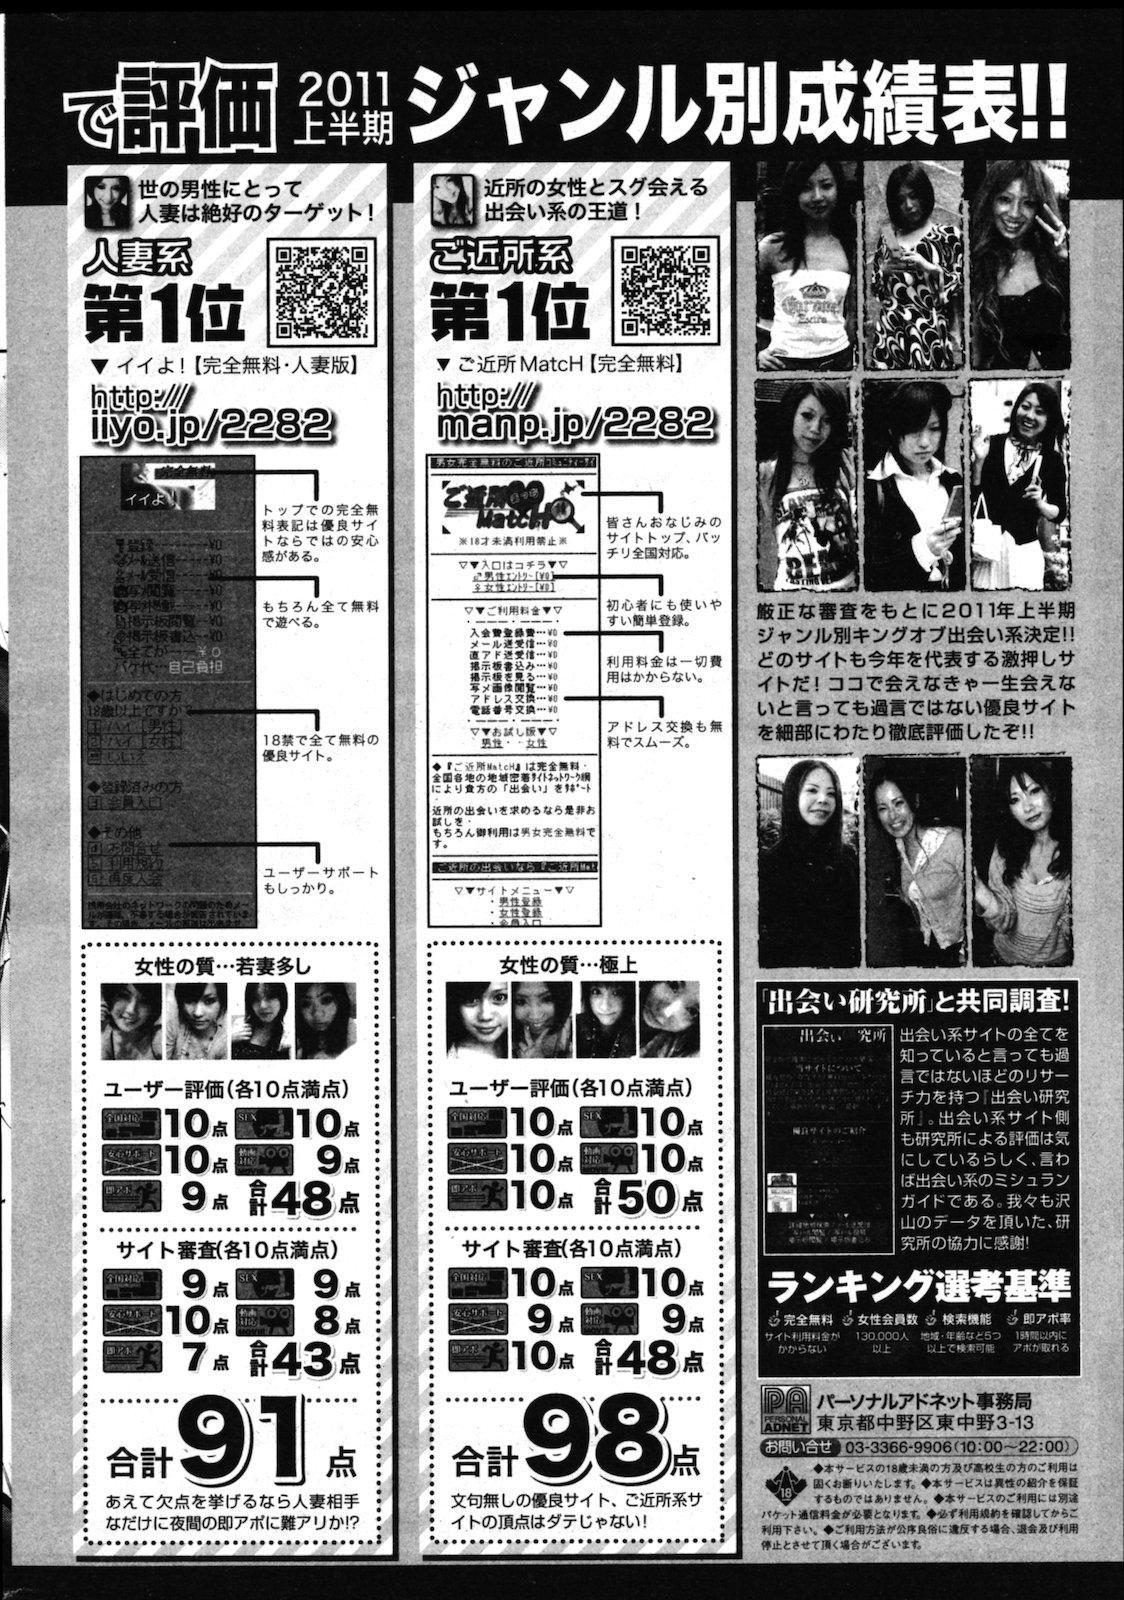 COMIC Shitsurakuten Vol.02 2011-08 257